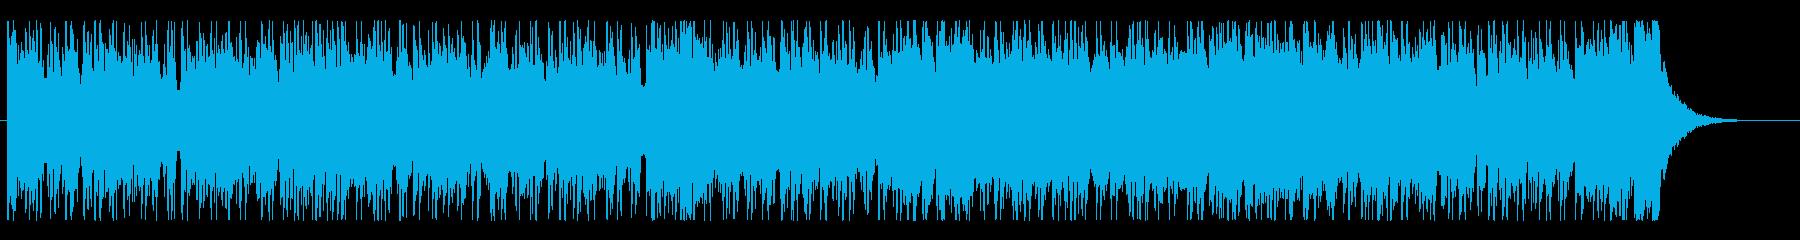 宇宙的・近未来的なサイバーパンクビートの再生済みの波形